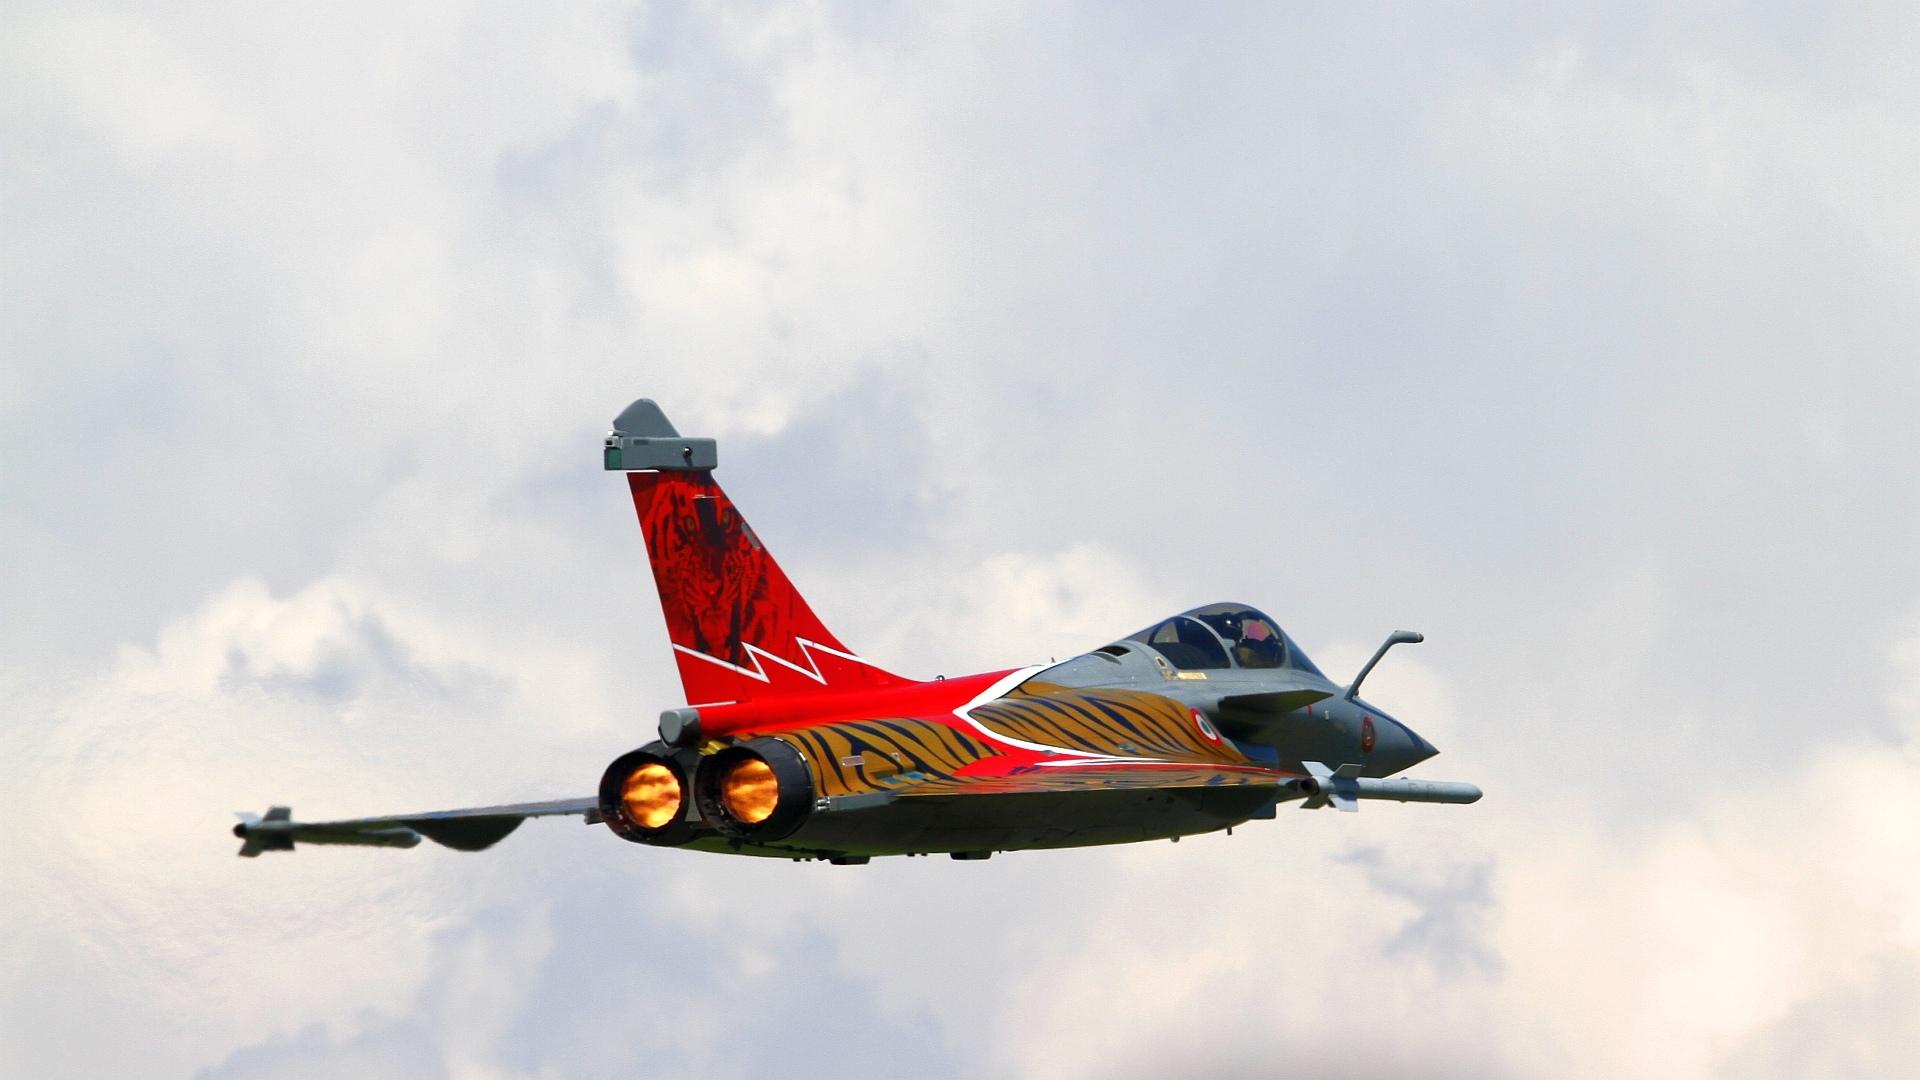 Fondos De Pantalla 1920x1080 Avión De Caza Avións Dassault